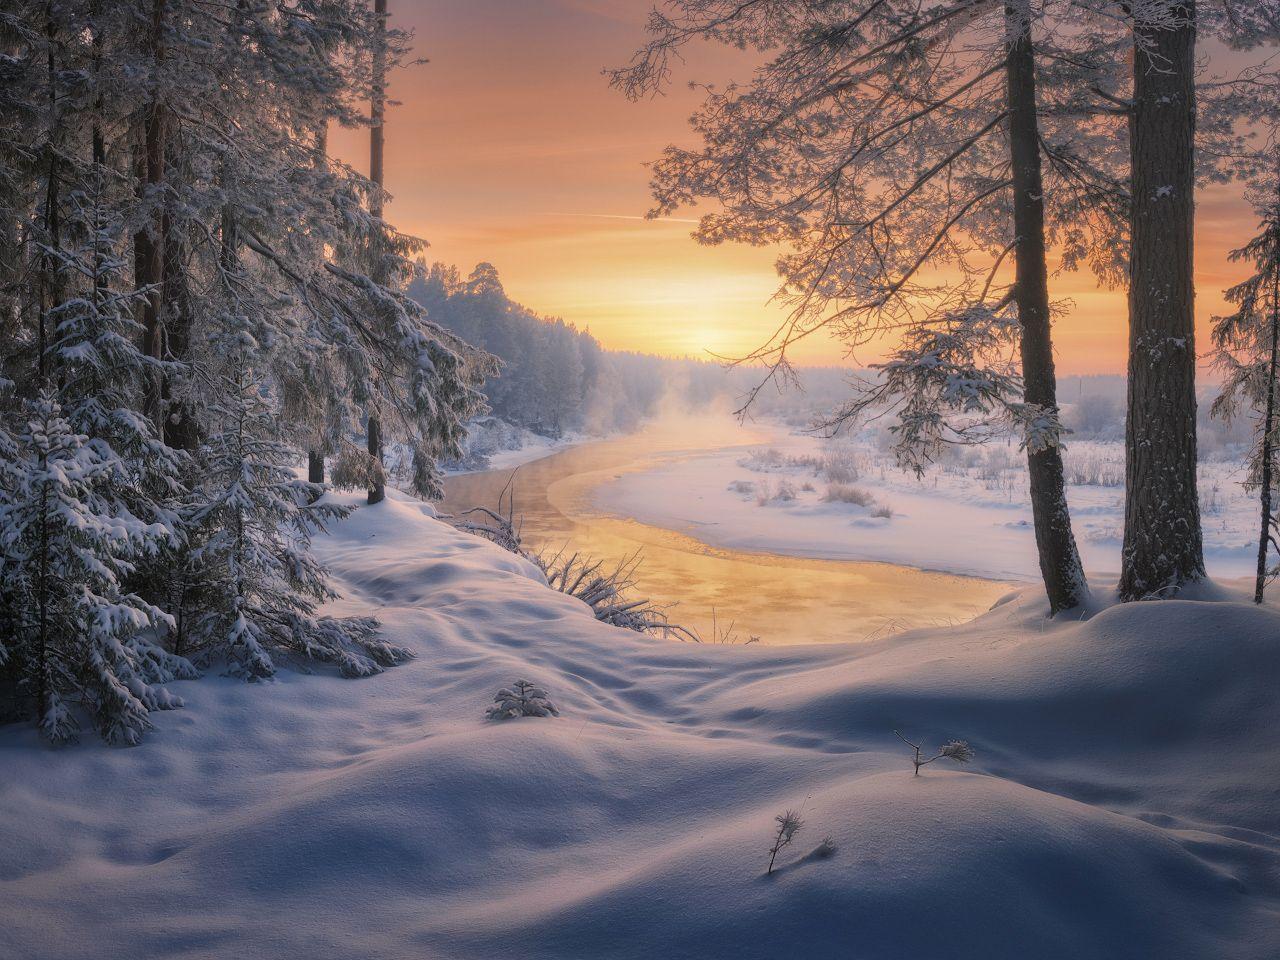 На солнечной излучине реки. Медянцев Дмитрий